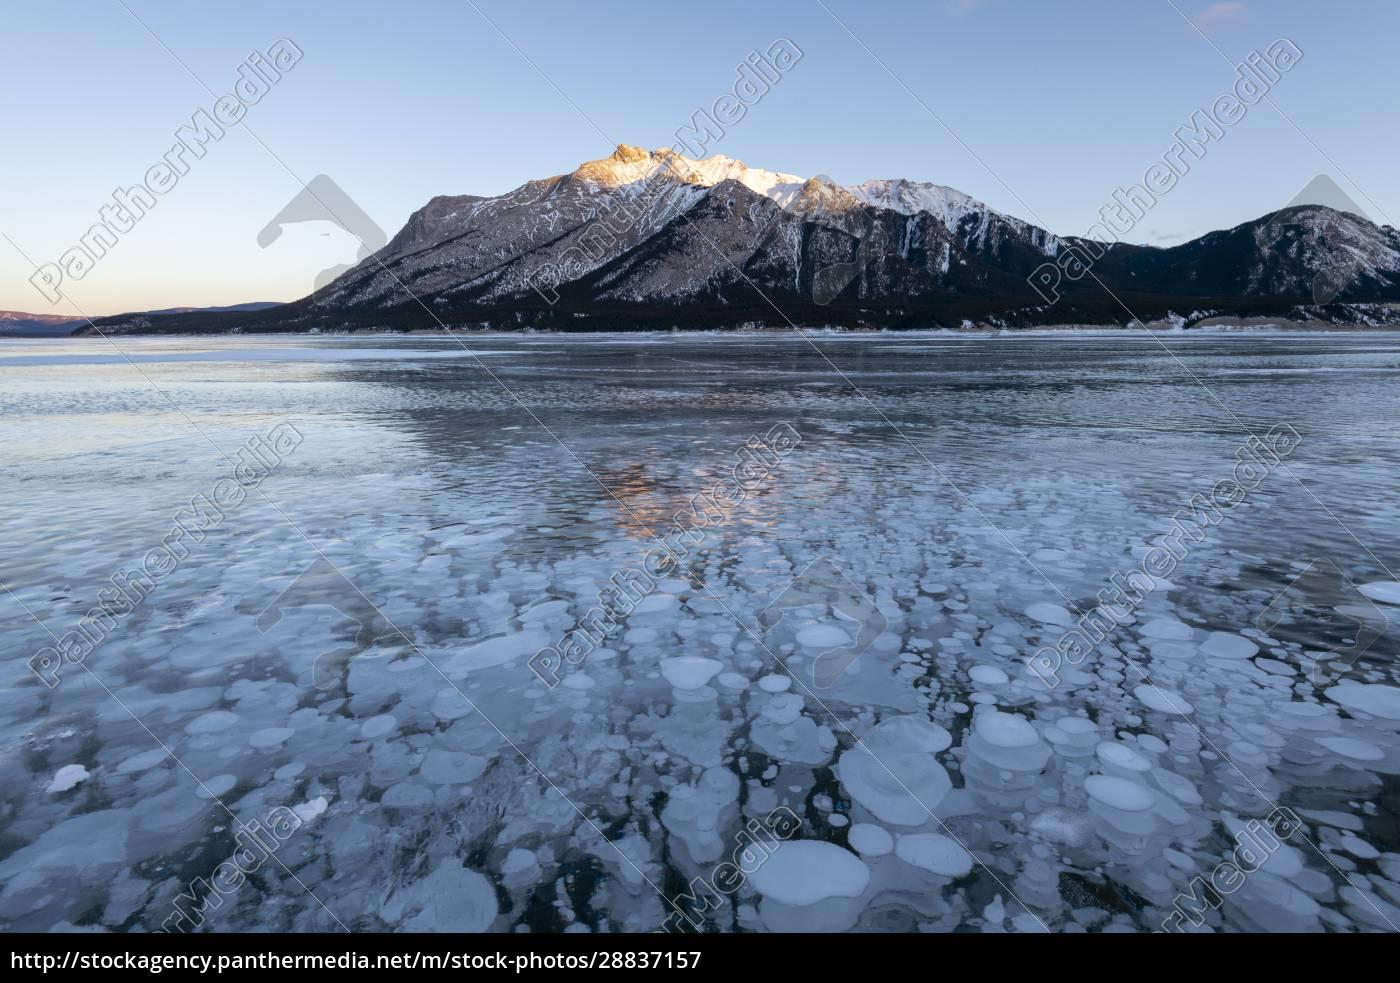 methangasblasen, am, lake, abraham, kootenay, plains, alberta, canadian, rockies, kanada, nordamerika - 28837157